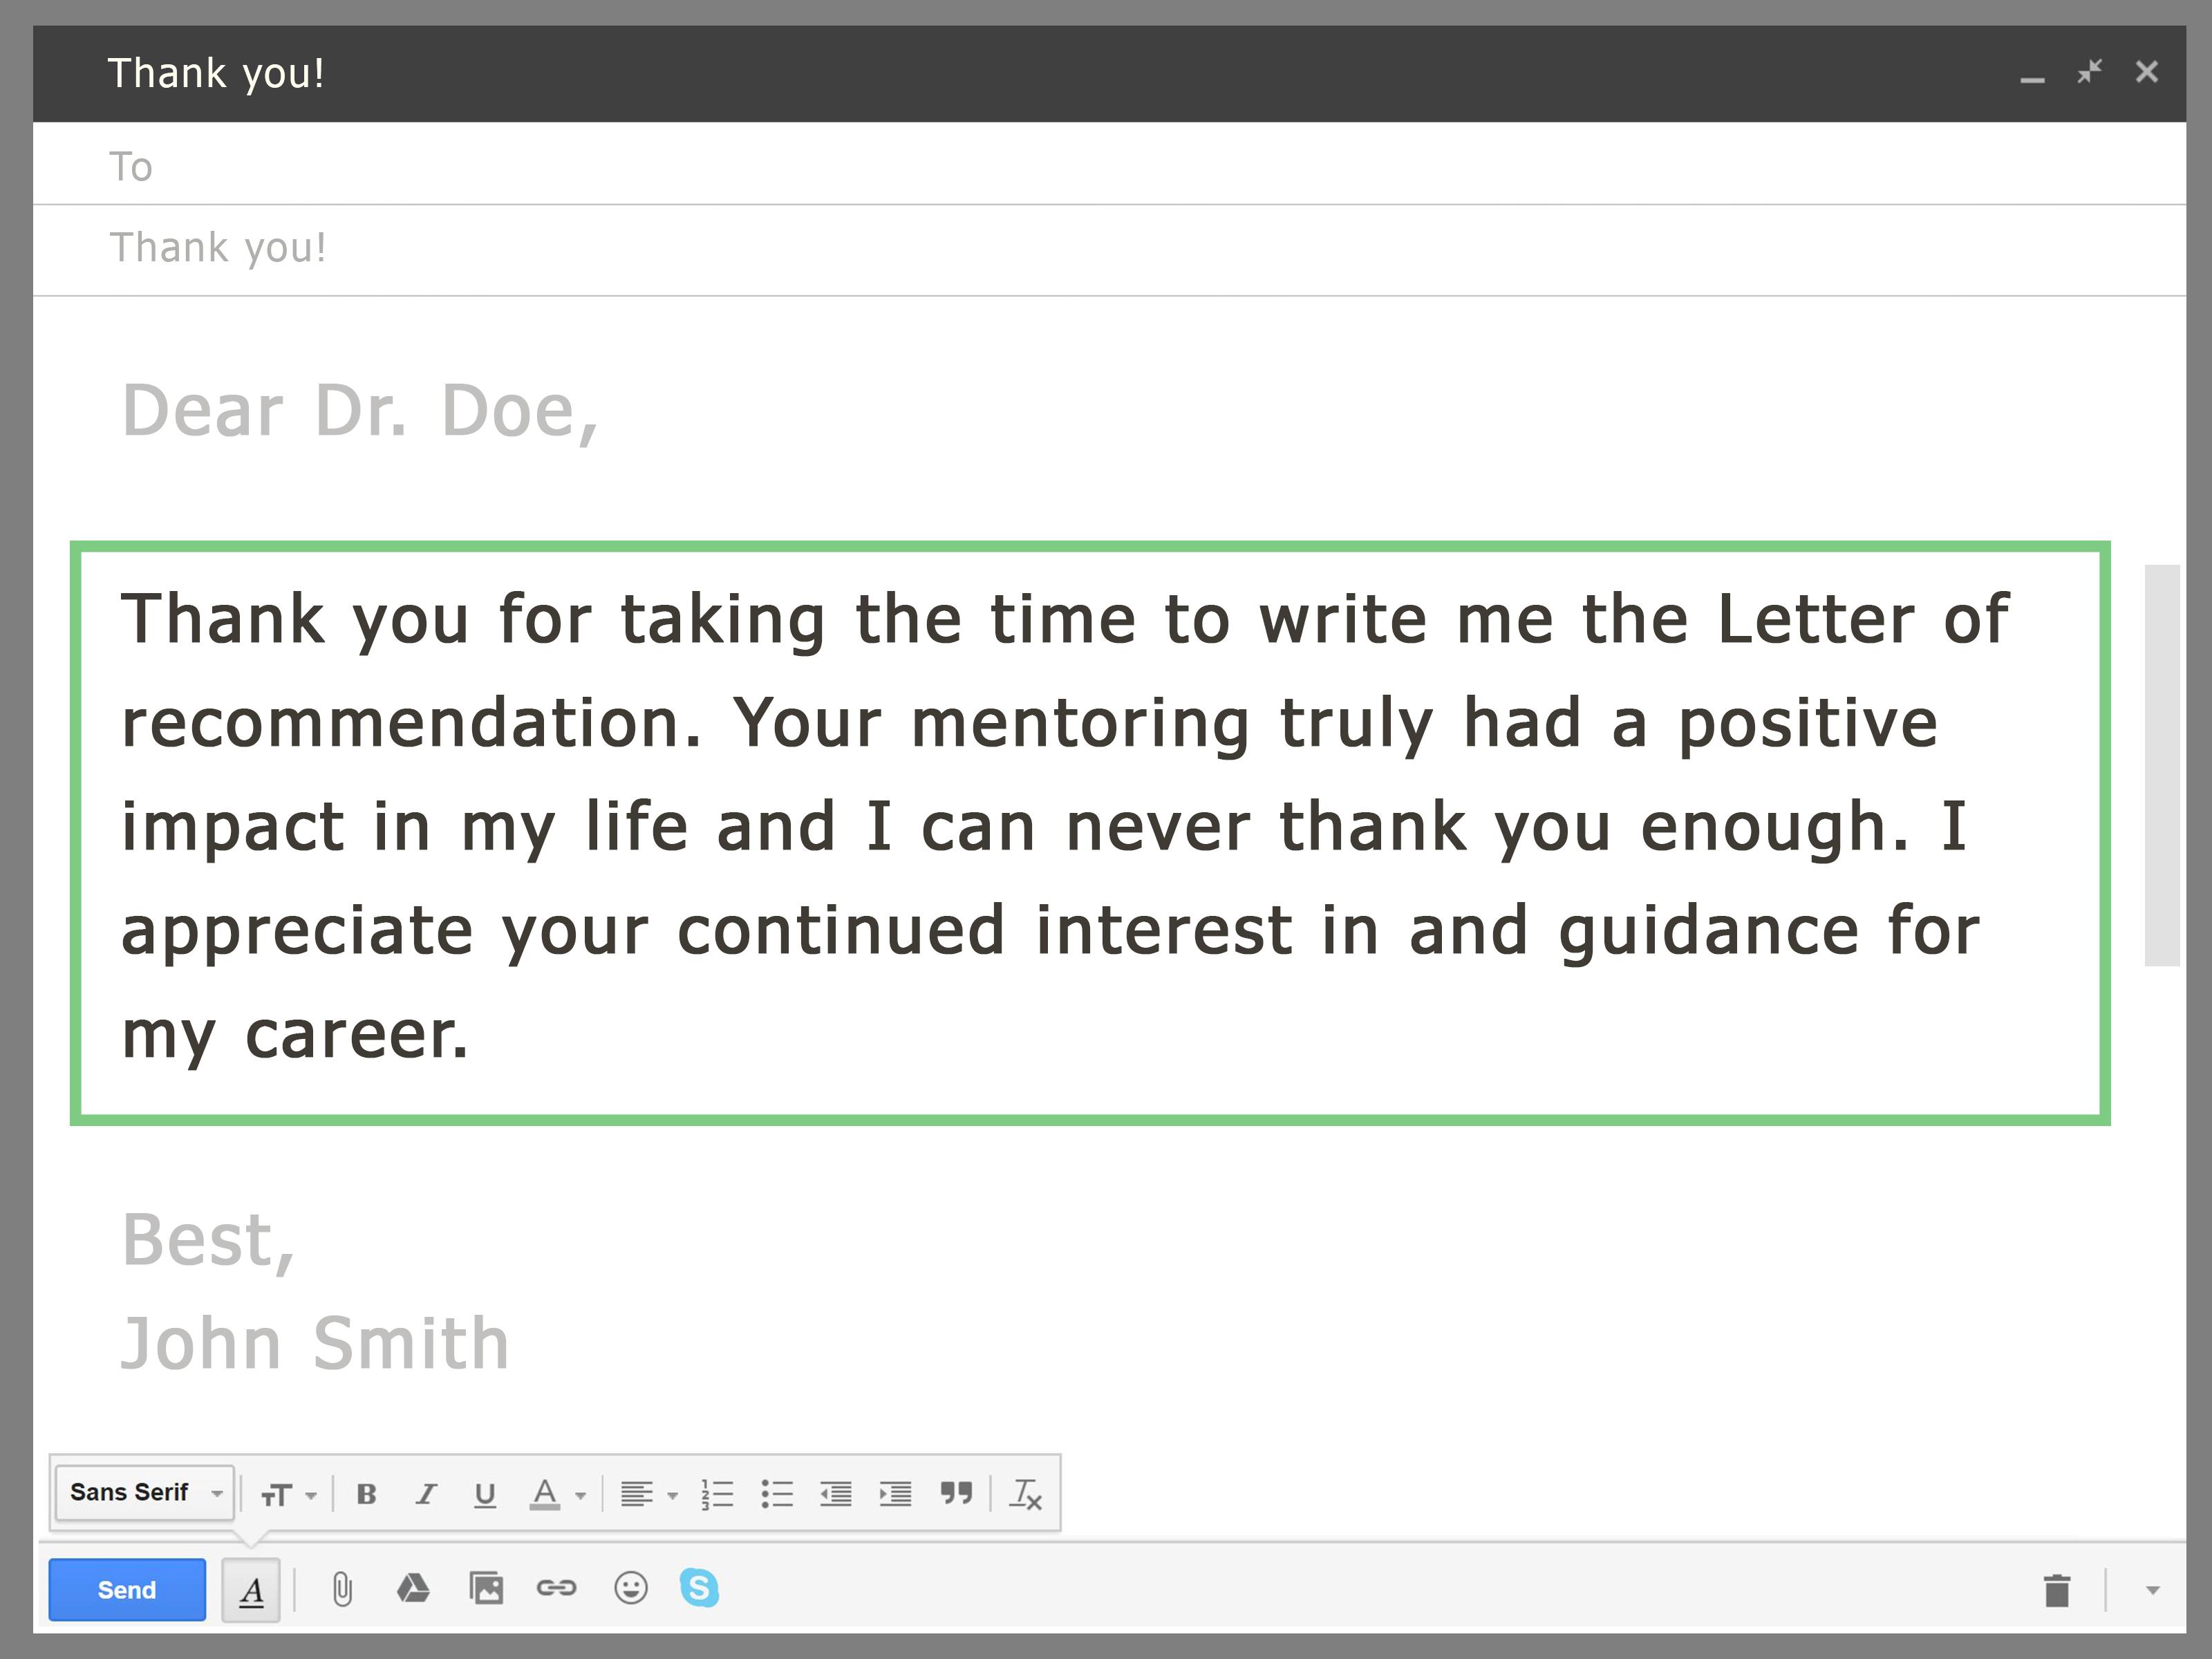 كيفية طلب خطاب توصية من أستاذك عبر البريد الإلكتروني